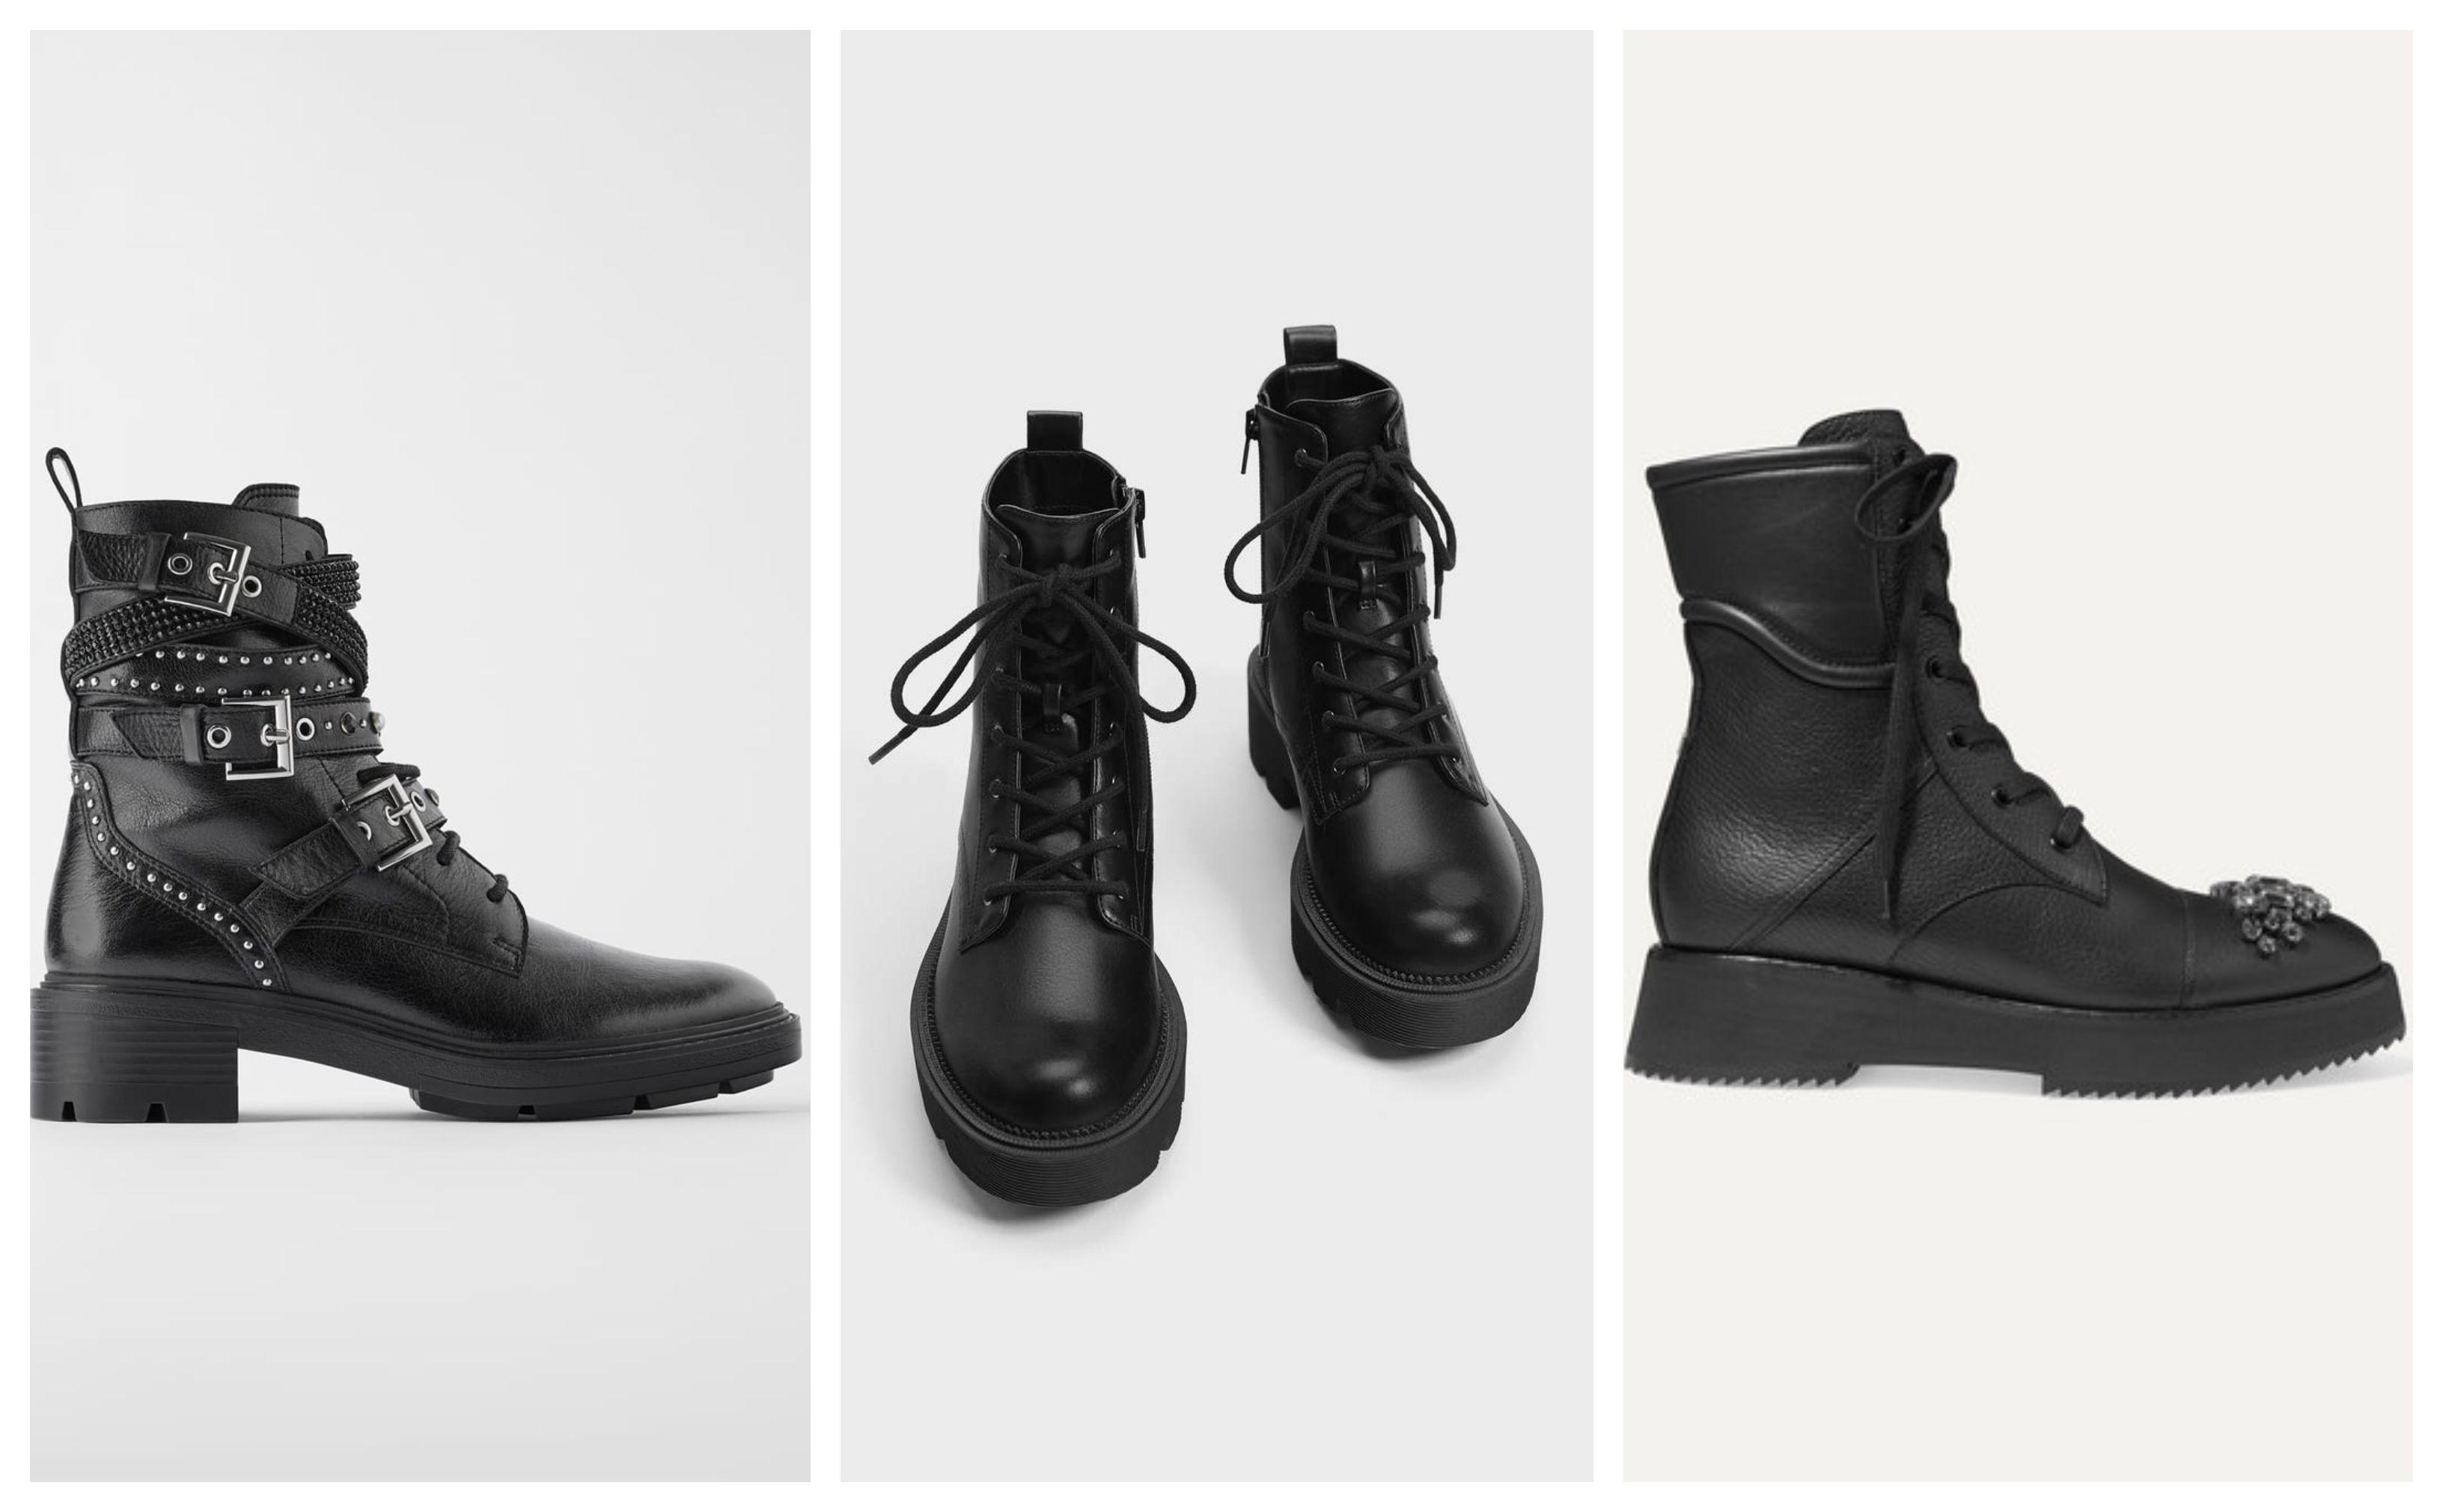 Vojničke čizme bit će neizostavan dio svake stylish zimske garderobe! Izabrali smo odlične modele iz ponude